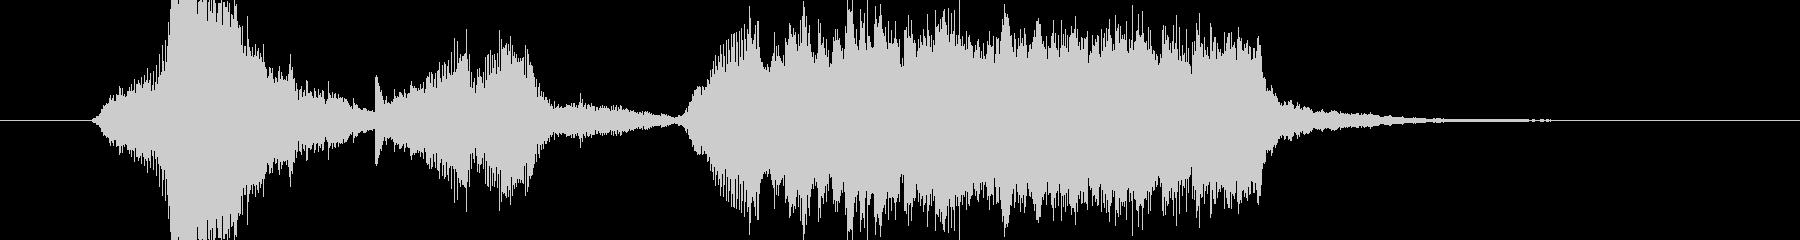 サスペンス・ミステリー風チェロのジングルの未再生の波形